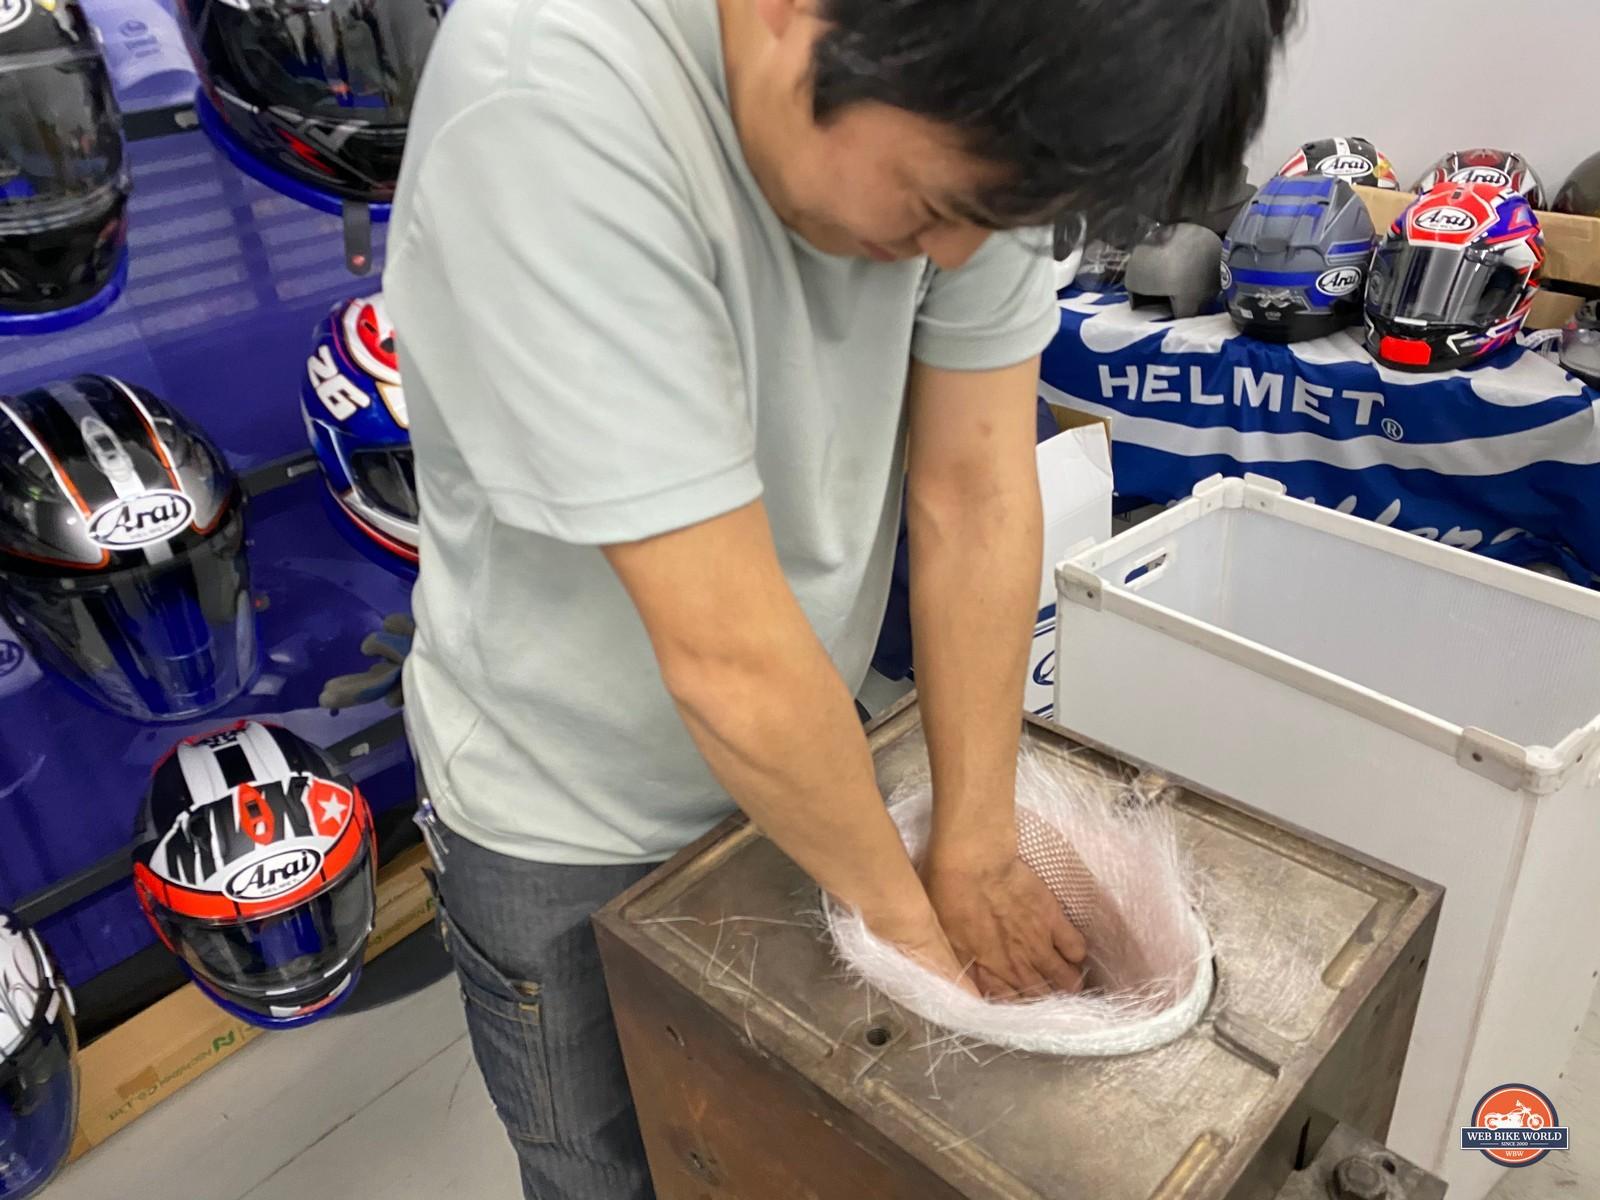 An Arai shell expert hard at work.